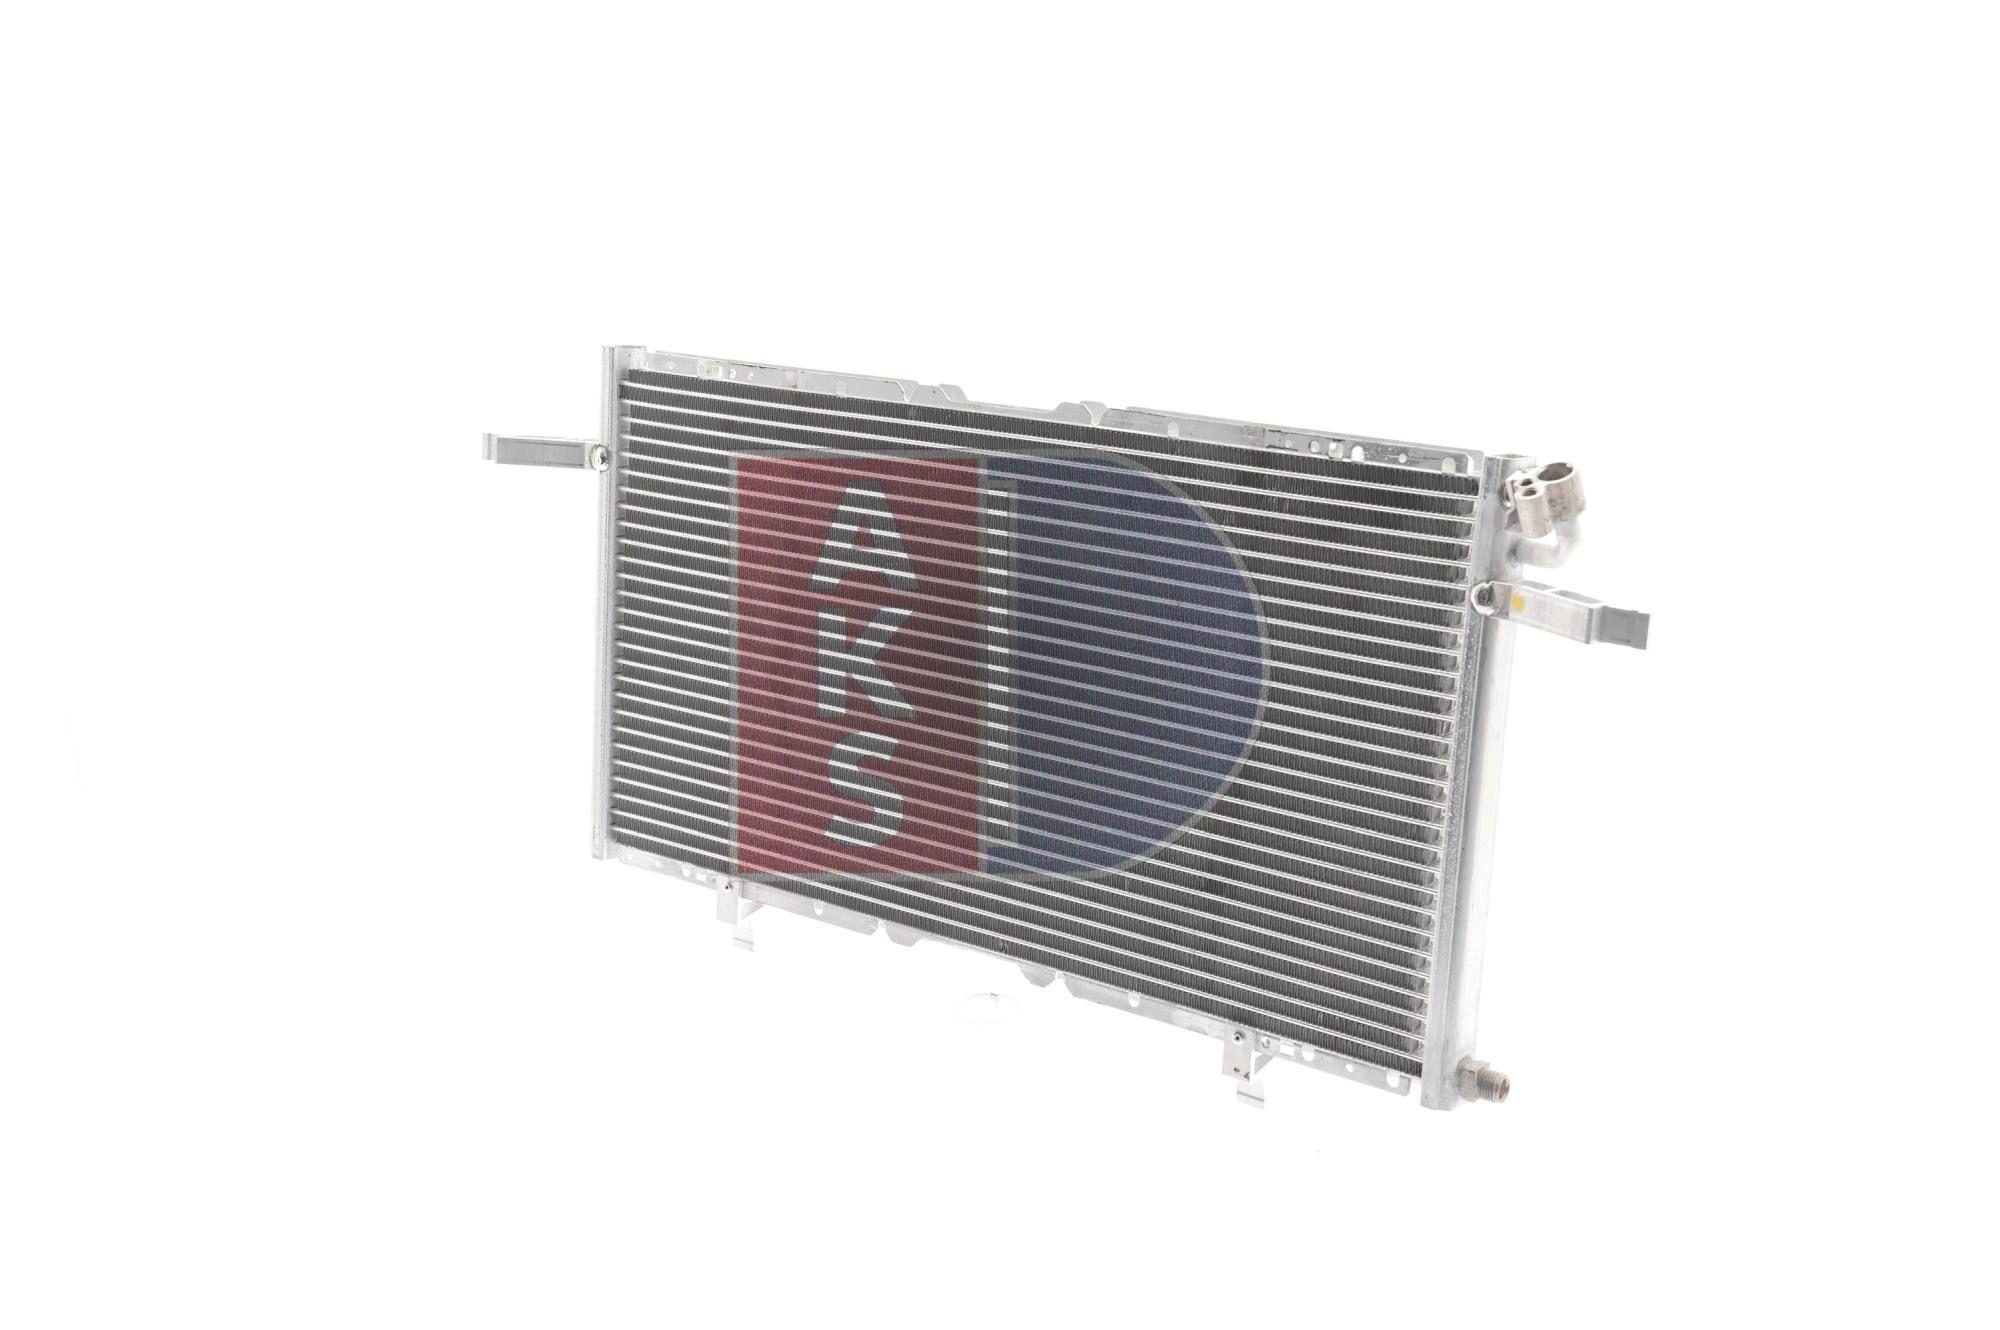 Kondensator Klimaanlage AKS DASIS 152004N Erfahrung